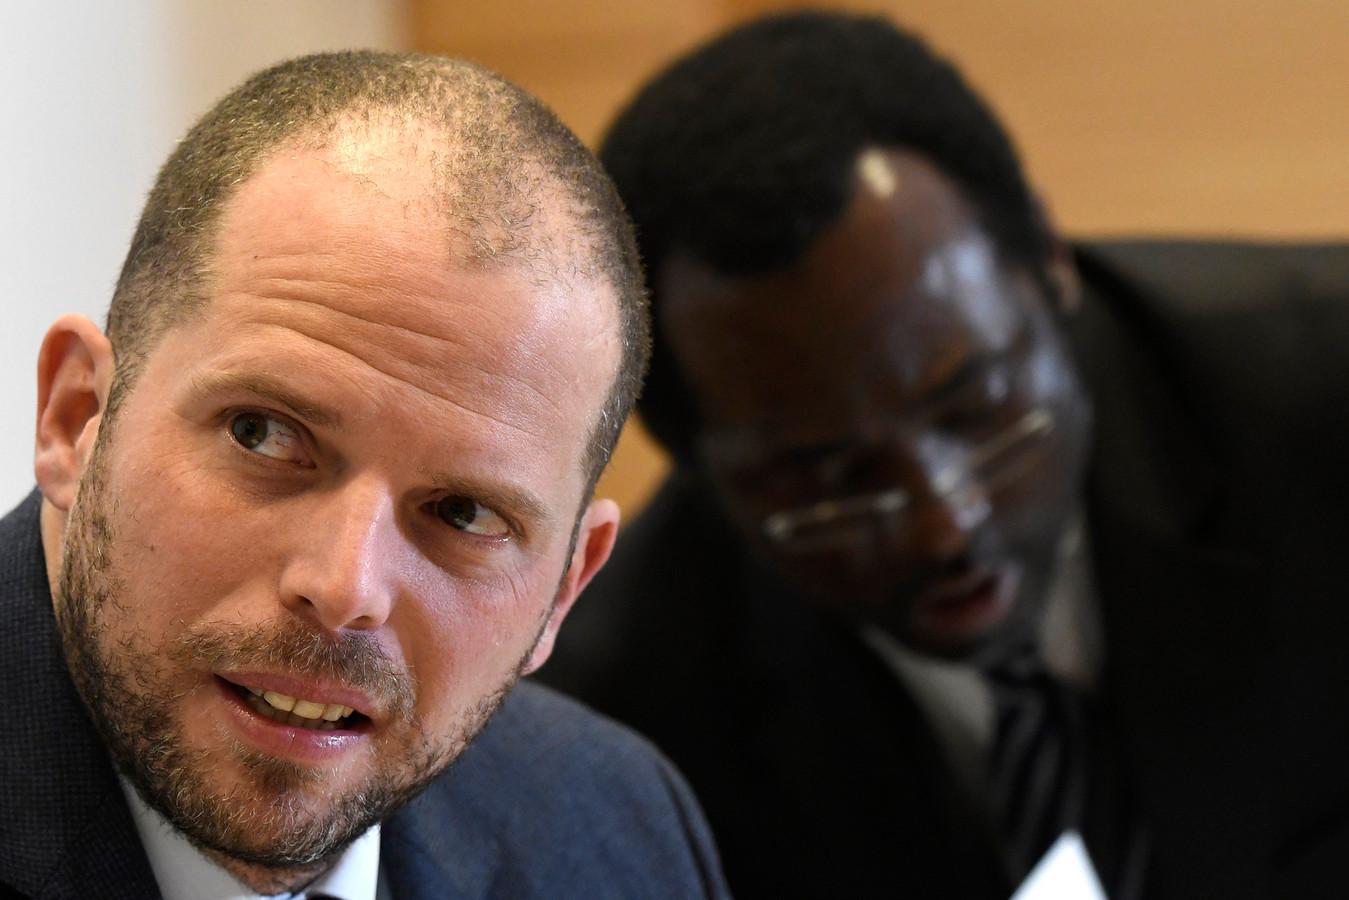 Toenmalig staatssecretaris Theo Francken (links) kwam in nauwe schoentjes terecht door de Sudanese identificatiemissie.